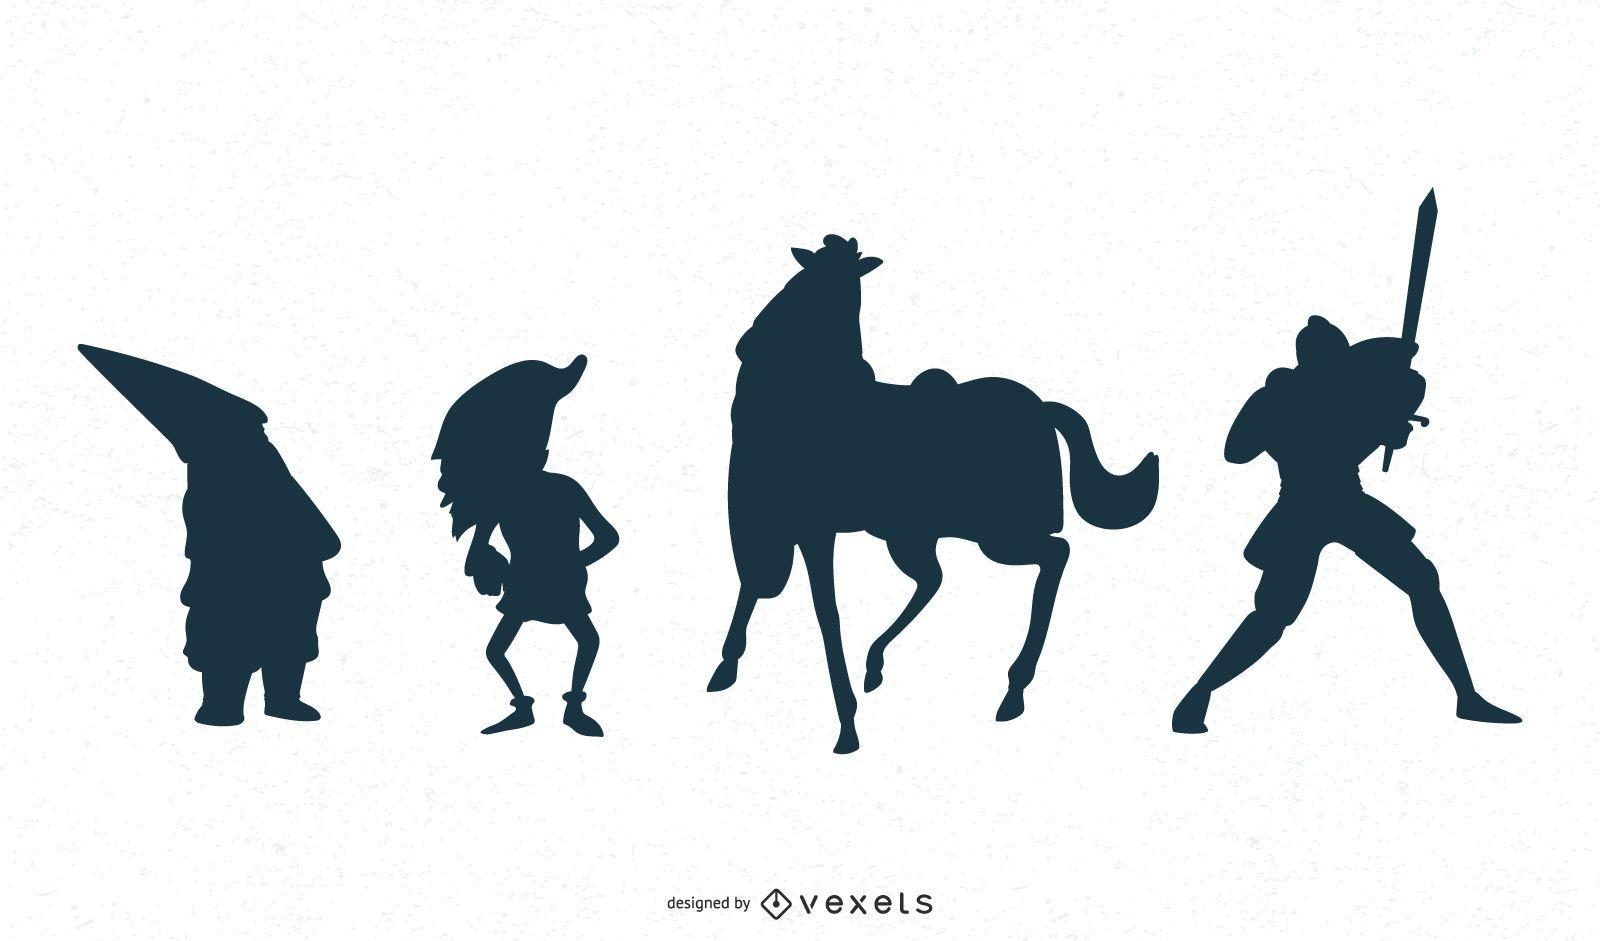 Diseño de silueta de personaje de fantasía